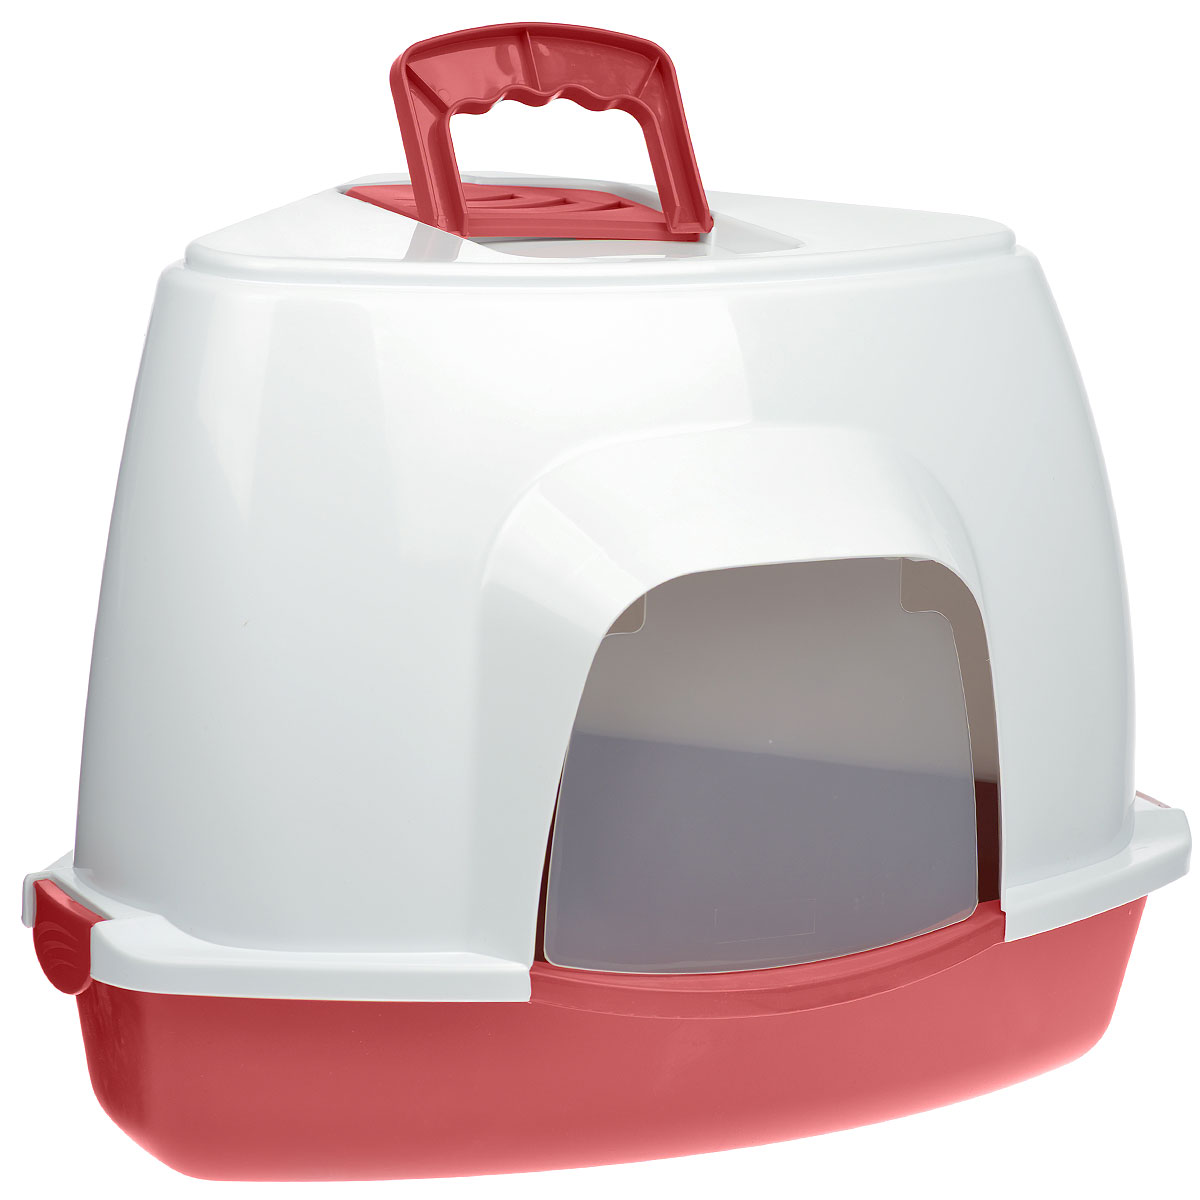 Туалет для кошек Fauna Kitty Luxer, цвет: красный, белый, 38 см х 38 см х 56 см10201/9570/LX410Закрытый угловой туалет для кошек Fauna Kitty Luxer выполнен из высококачественного пластика. Туалет довольно вместительный и напоминает домик. Он оснащен прозрачной открывающейся дверцей, сменным угольным фильтром и удобной ручкой для переноски. Такой туалет избавит ваш дом от неприятного запаха и разбросанных повсюду частичек наполнителя. Кошка в таком туалете будет чувствовать себя увереннее, ведь в этом укромном уголке ее никто не увидит. Кроме того, яркий дизайн с легкостью впишется в интерьер вашего дома. Туалет легко открывается для чистки благодаря практичным защелкам по бокам.